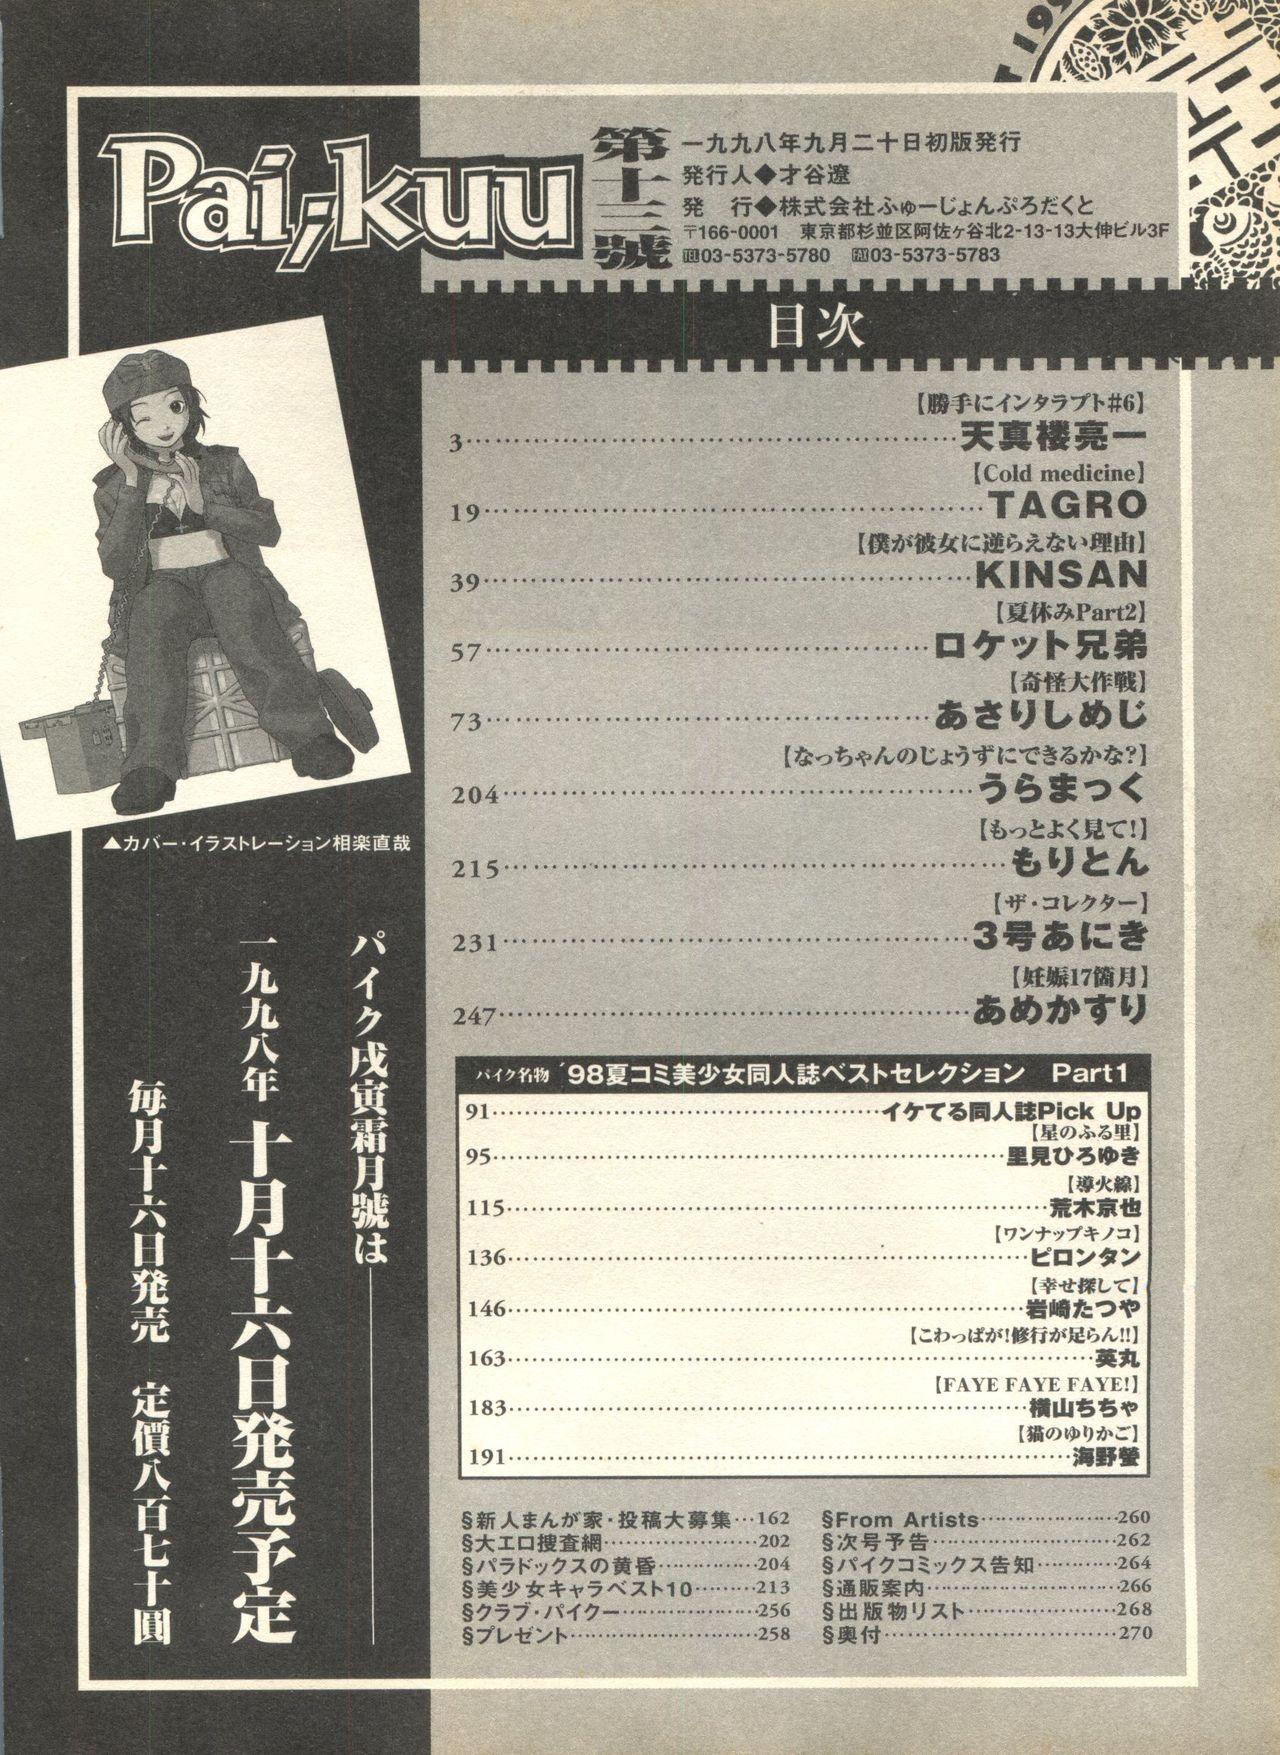 Pai;kuu 1998 October Vol. 13 269